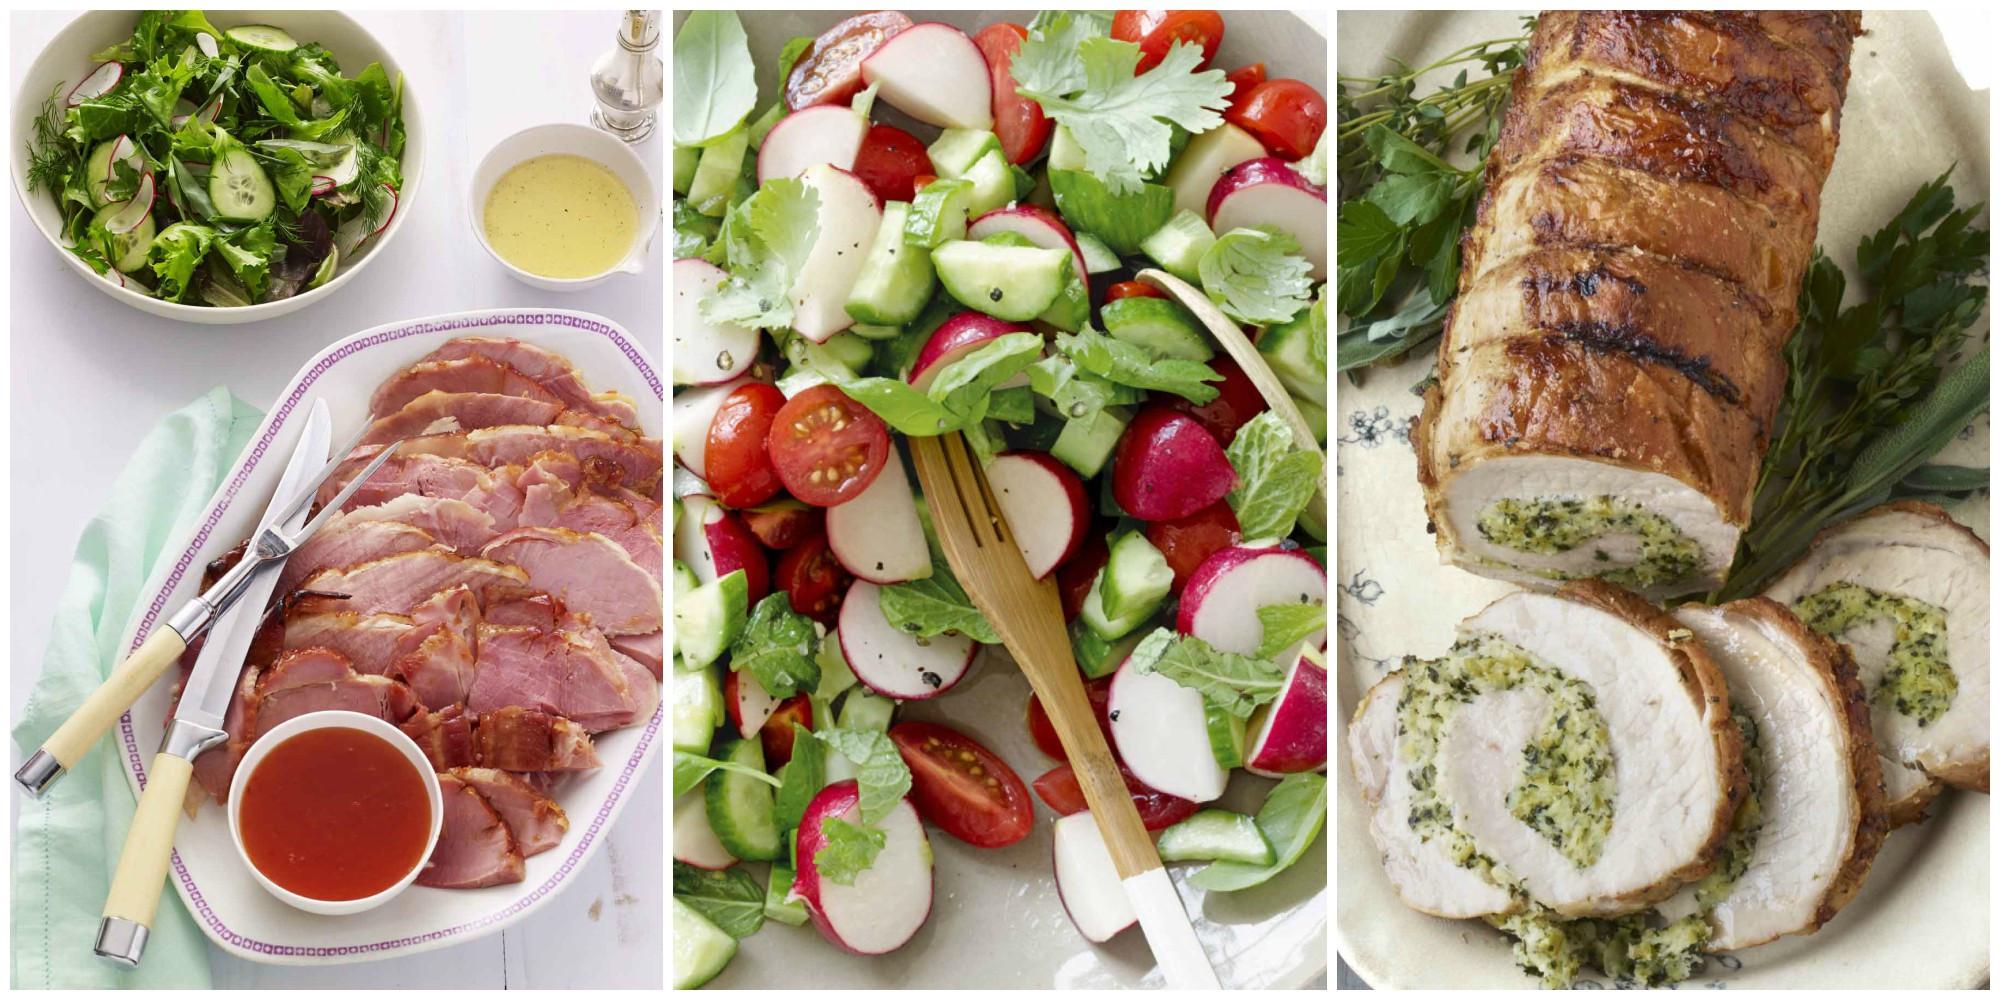 Easter Dinner Meat Ideas  21 Easy Easter Dinner Ideas Recipes for the Best Easter